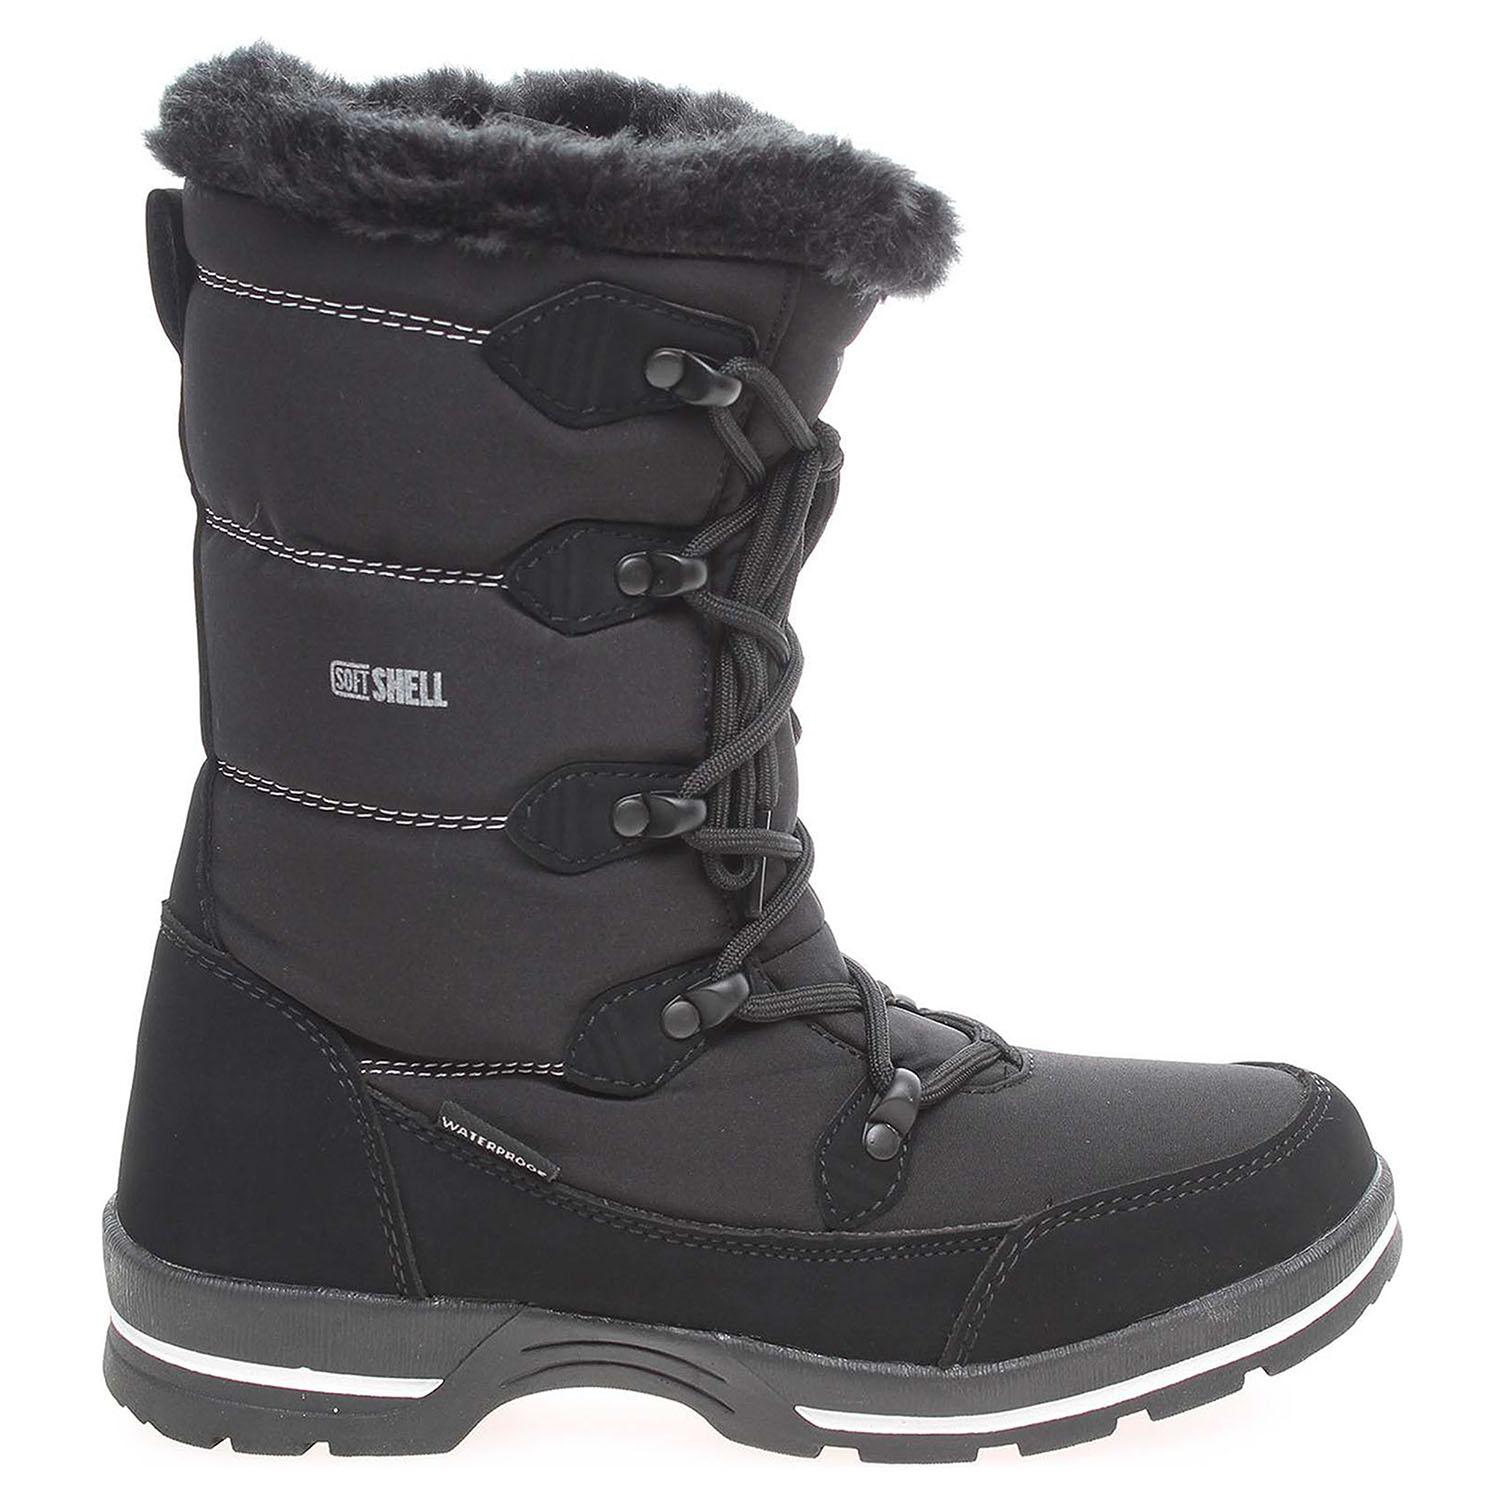 Westport dámské sněhule L 52-119-087 černé 37